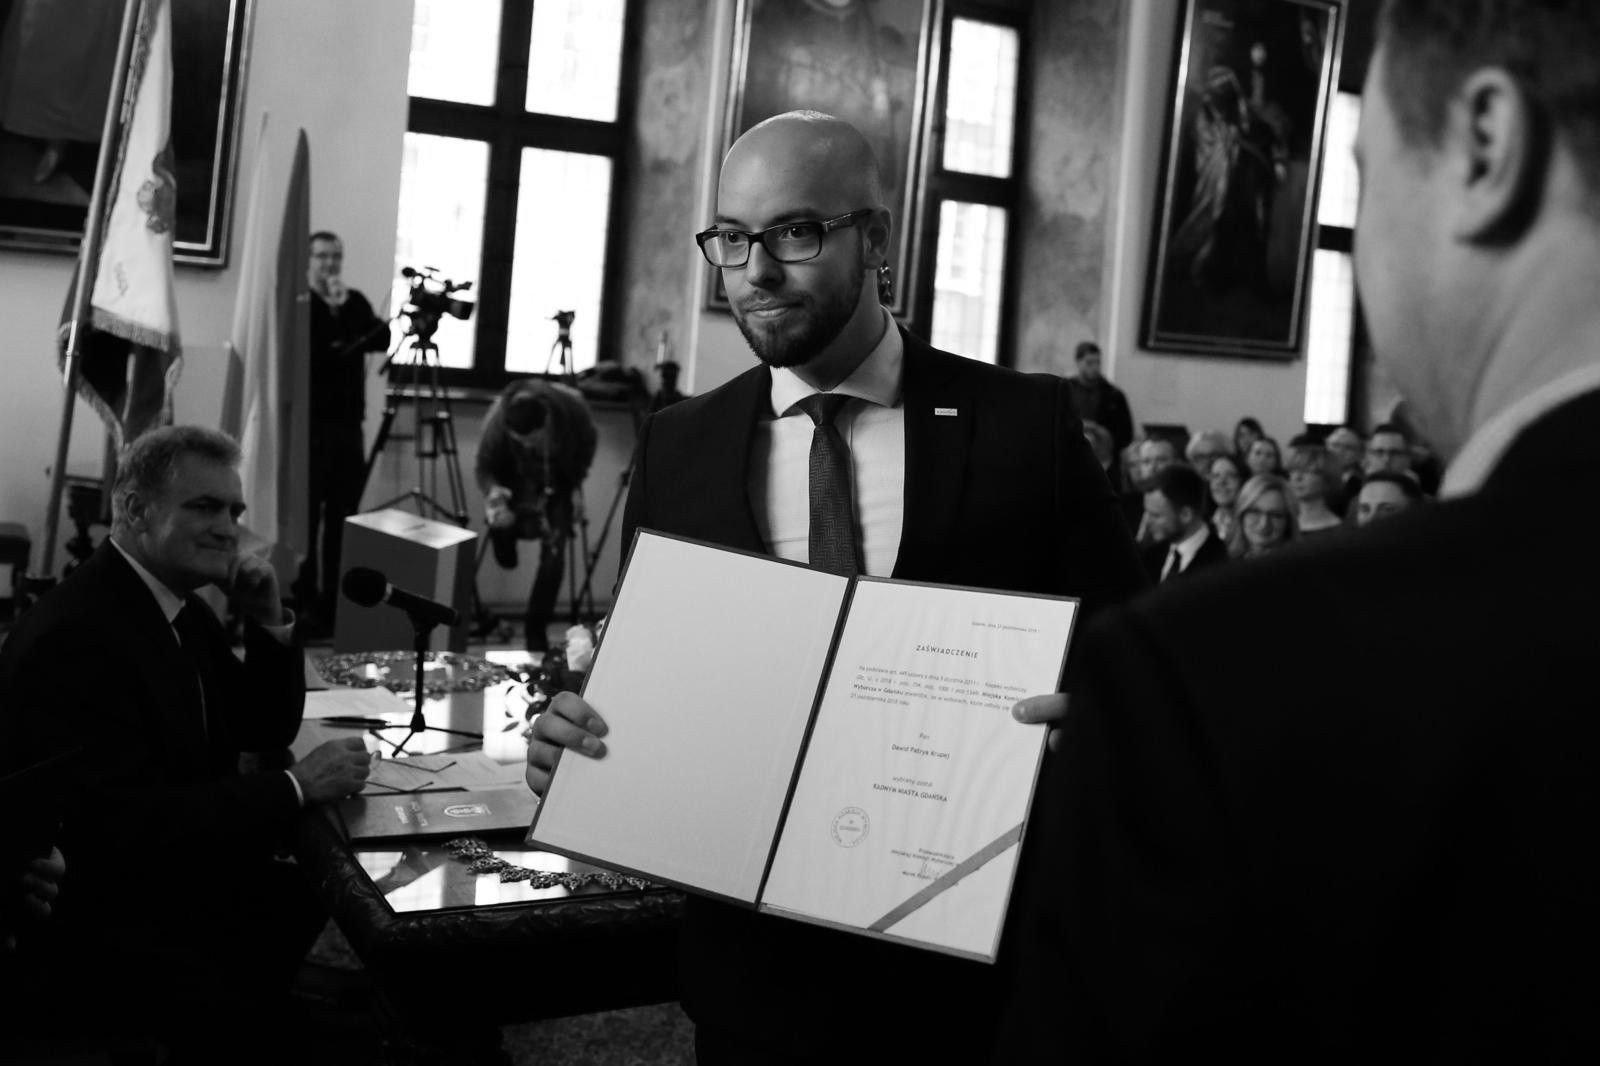 Nie żyje Dawid Krupej. Gdański radny Prawa i Sprawiedliwości miał 29 lat. Zmarł 21.02.2020 r.   Dziennik Bałtycki